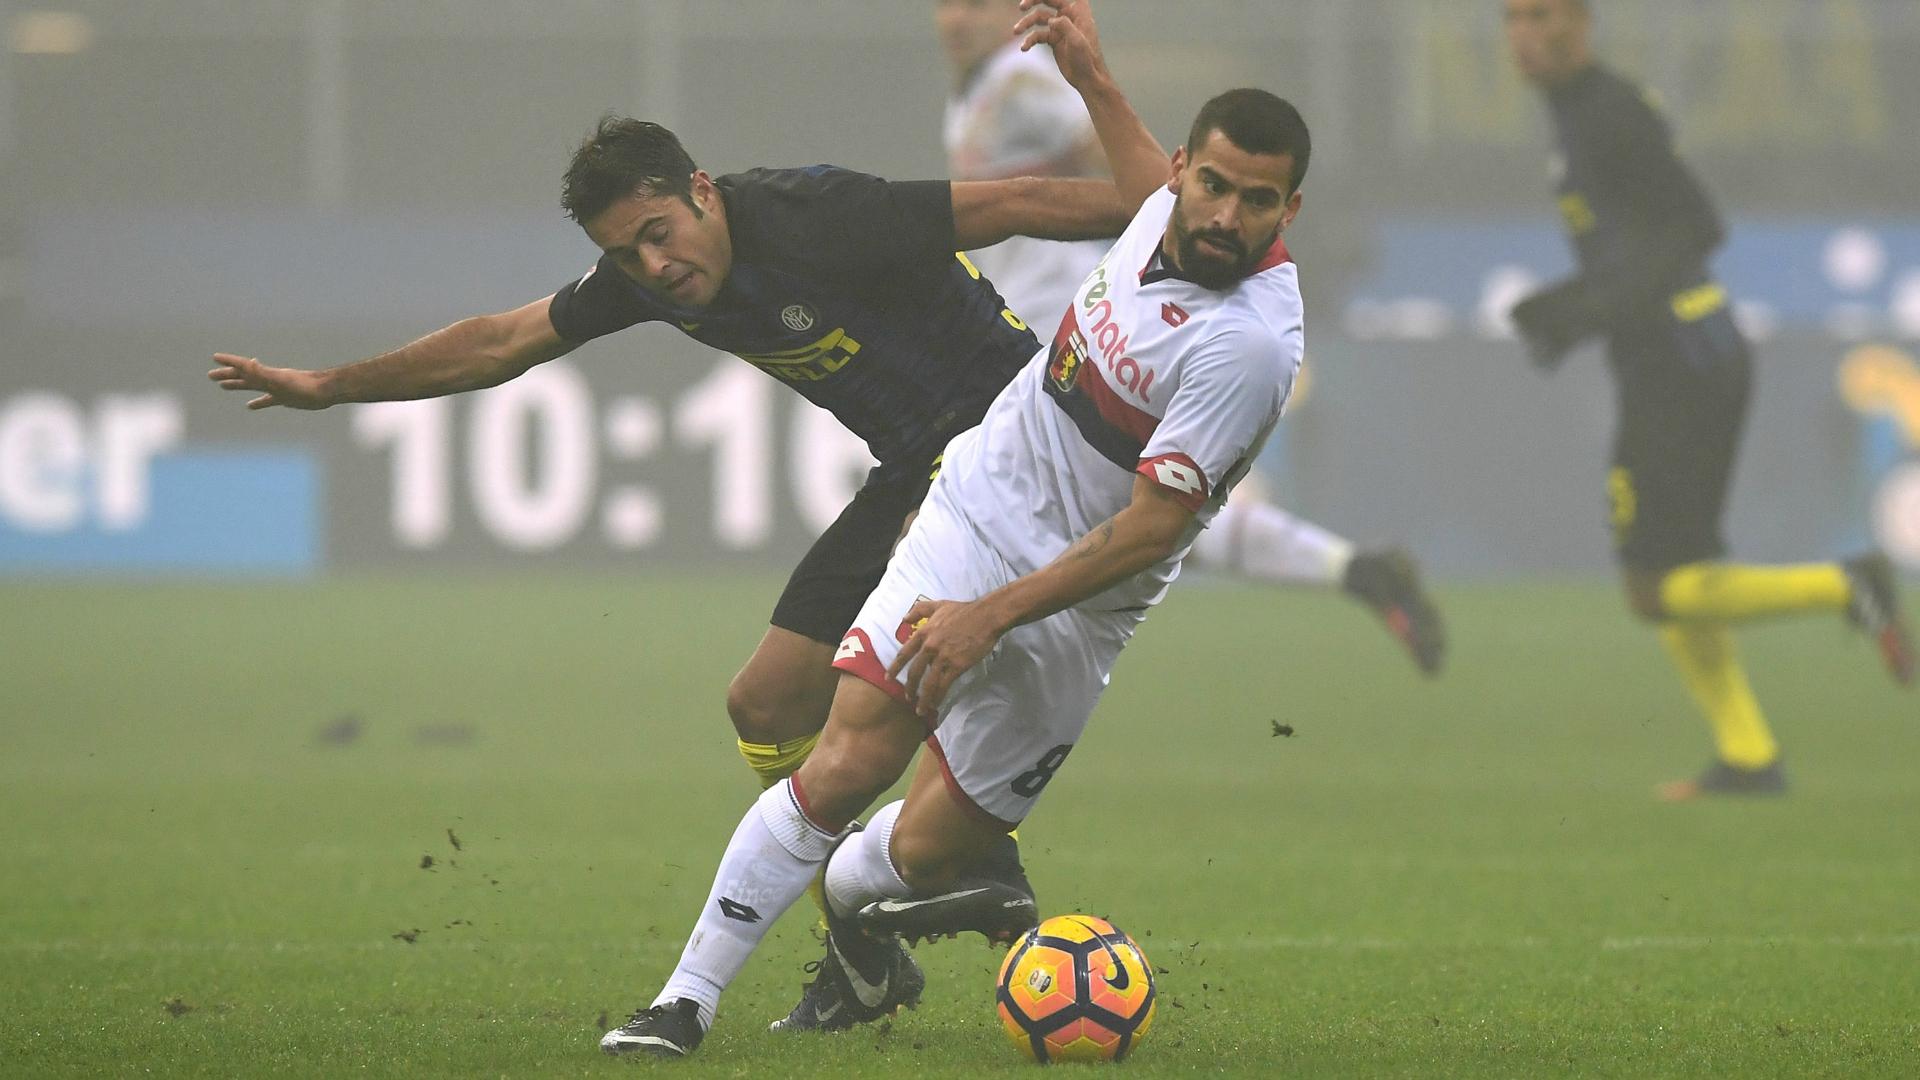 Calciomercato Roma, colpo Rincon: prestito con riscatto a 8 milioni